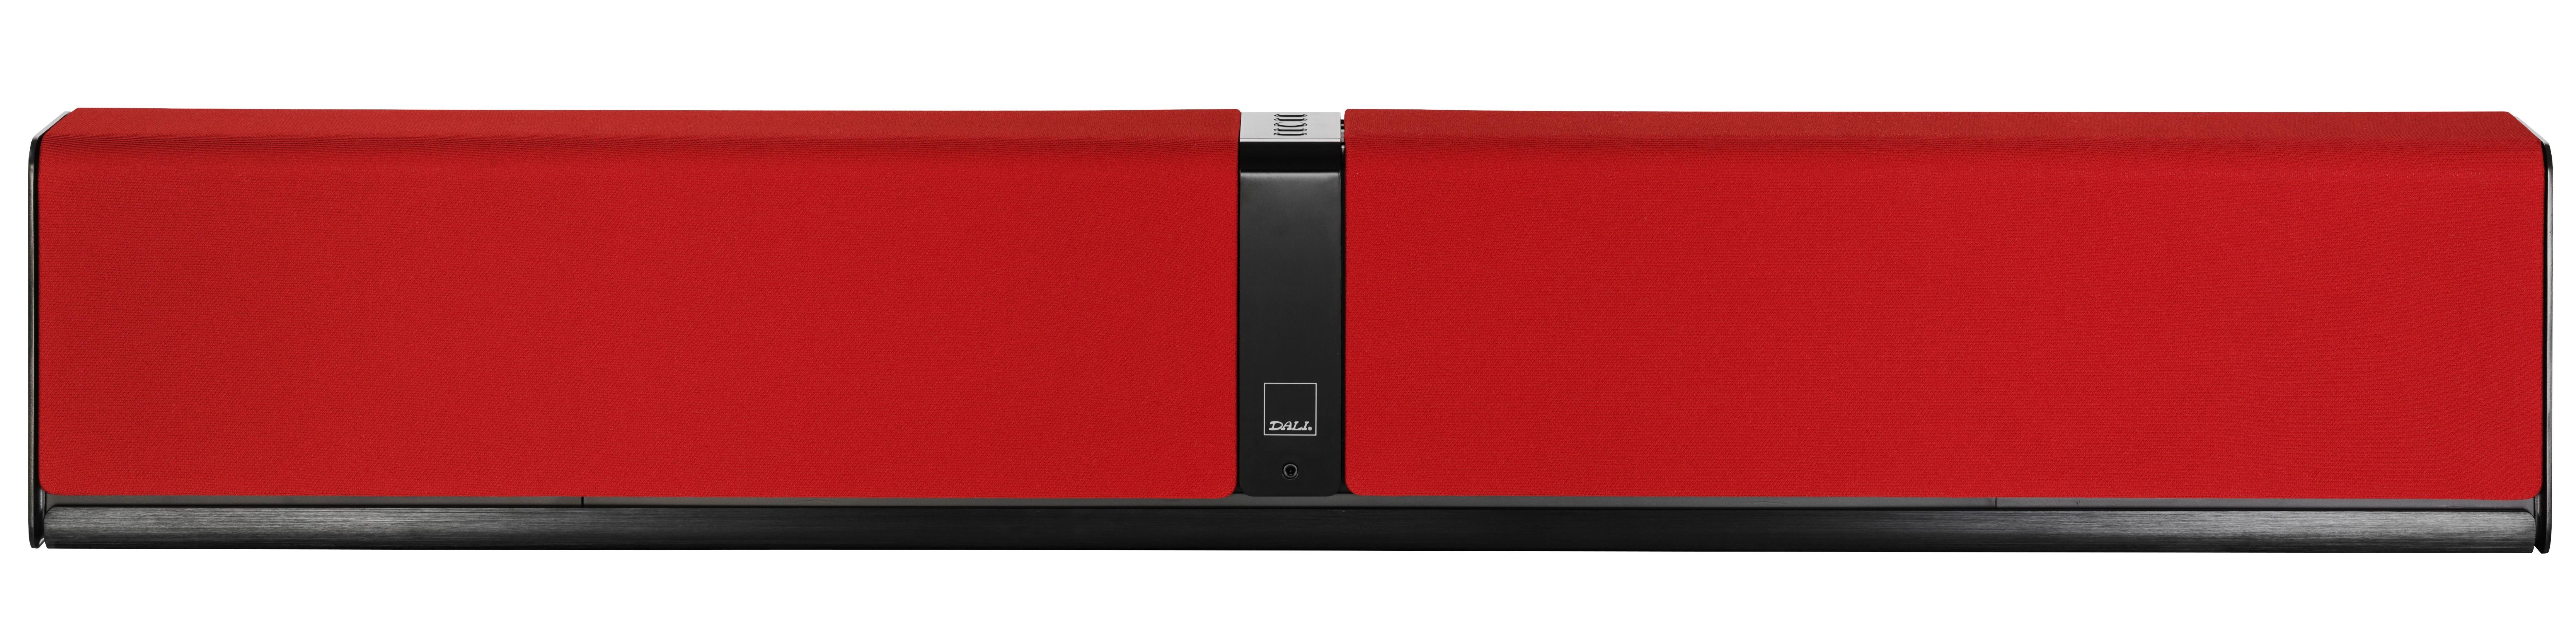 Dali soundbar KUBIK ONE rood